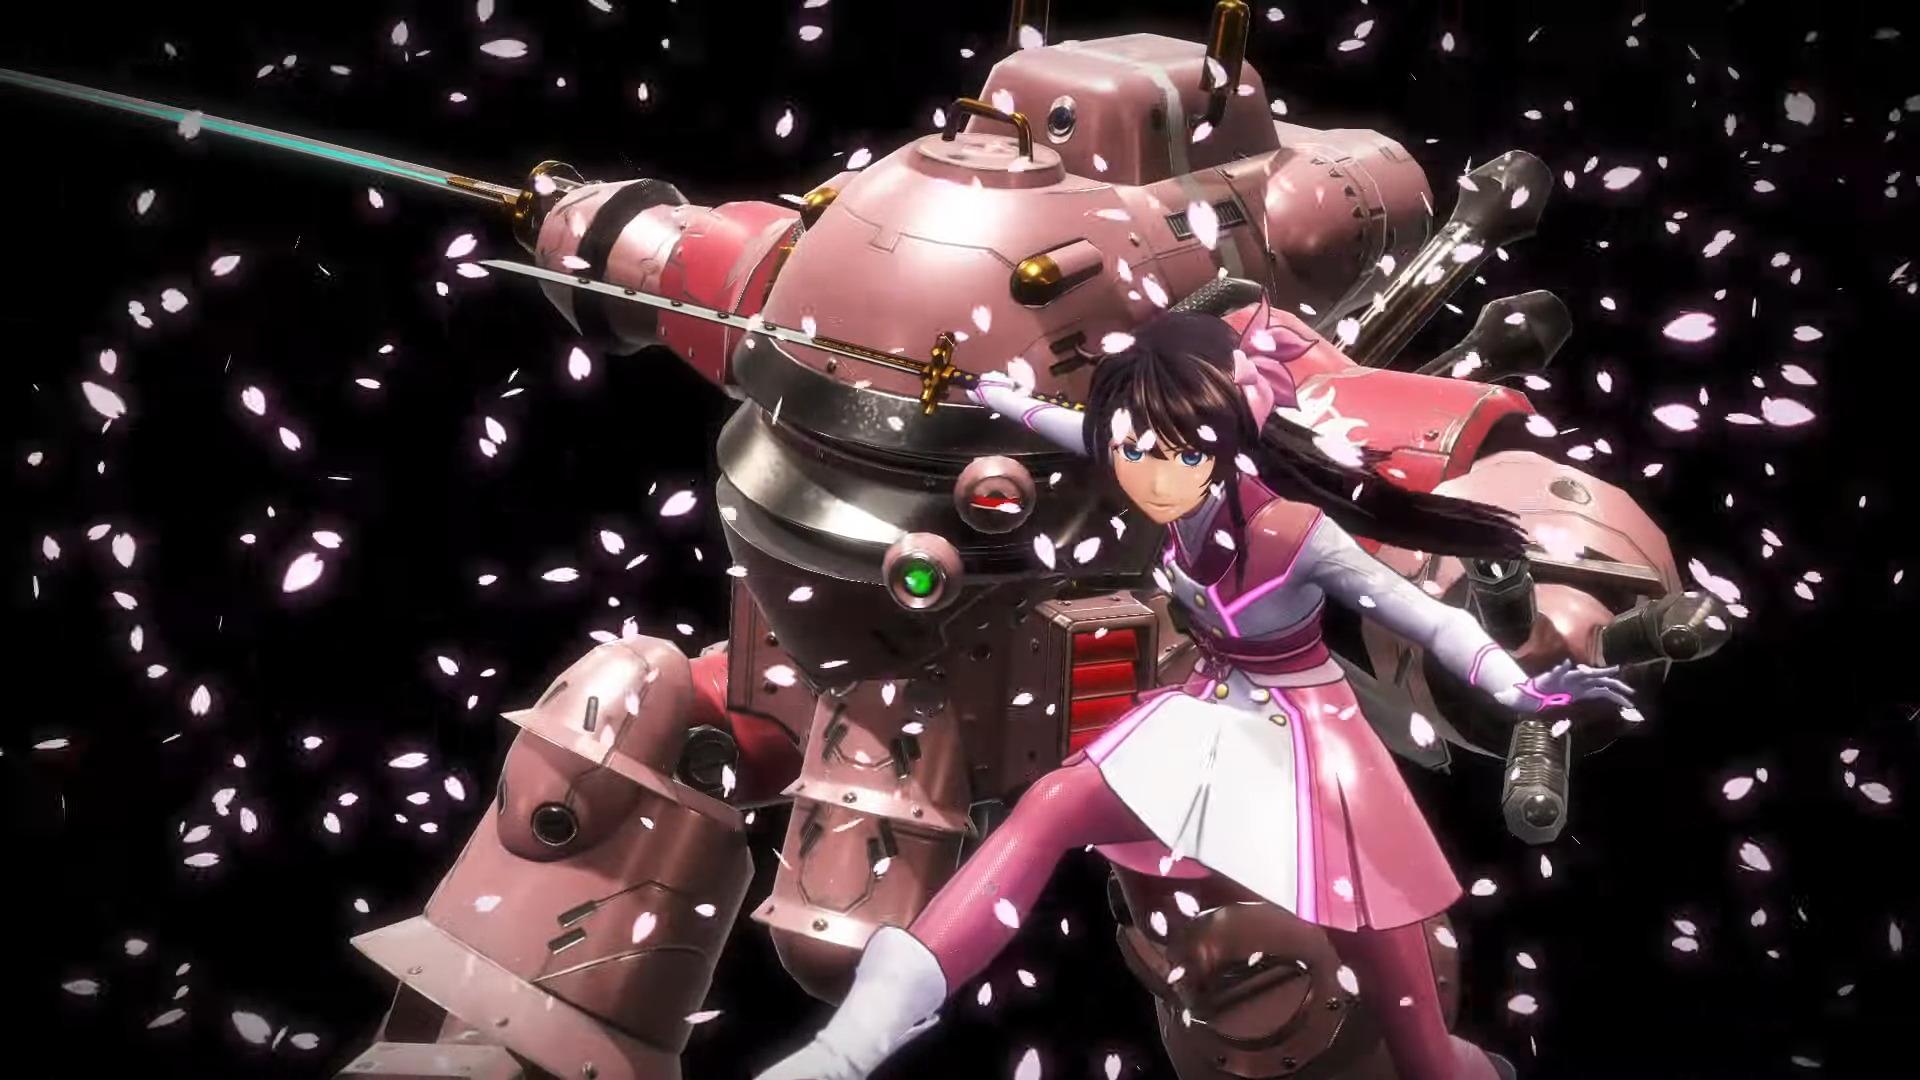 《新櫻花大戰》將于12月發售 并公開戰斗實機演示視頻